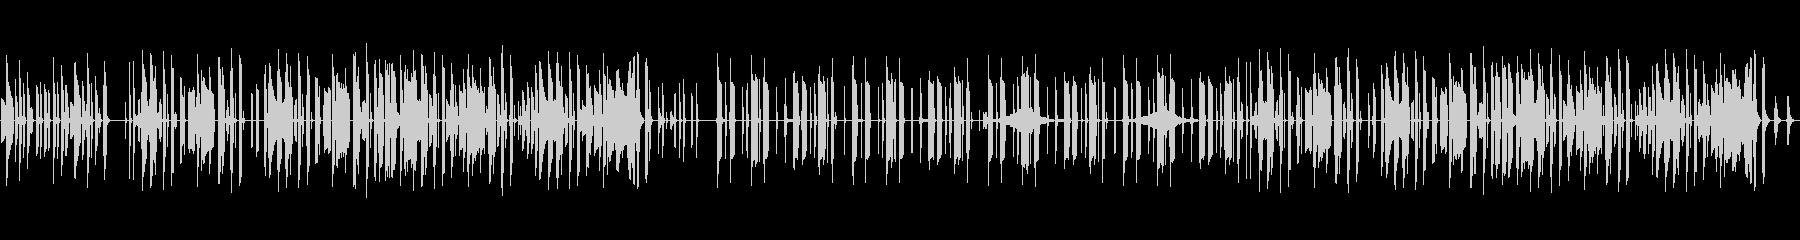 日常系のBGMに使えそうな曲の未再生の波形